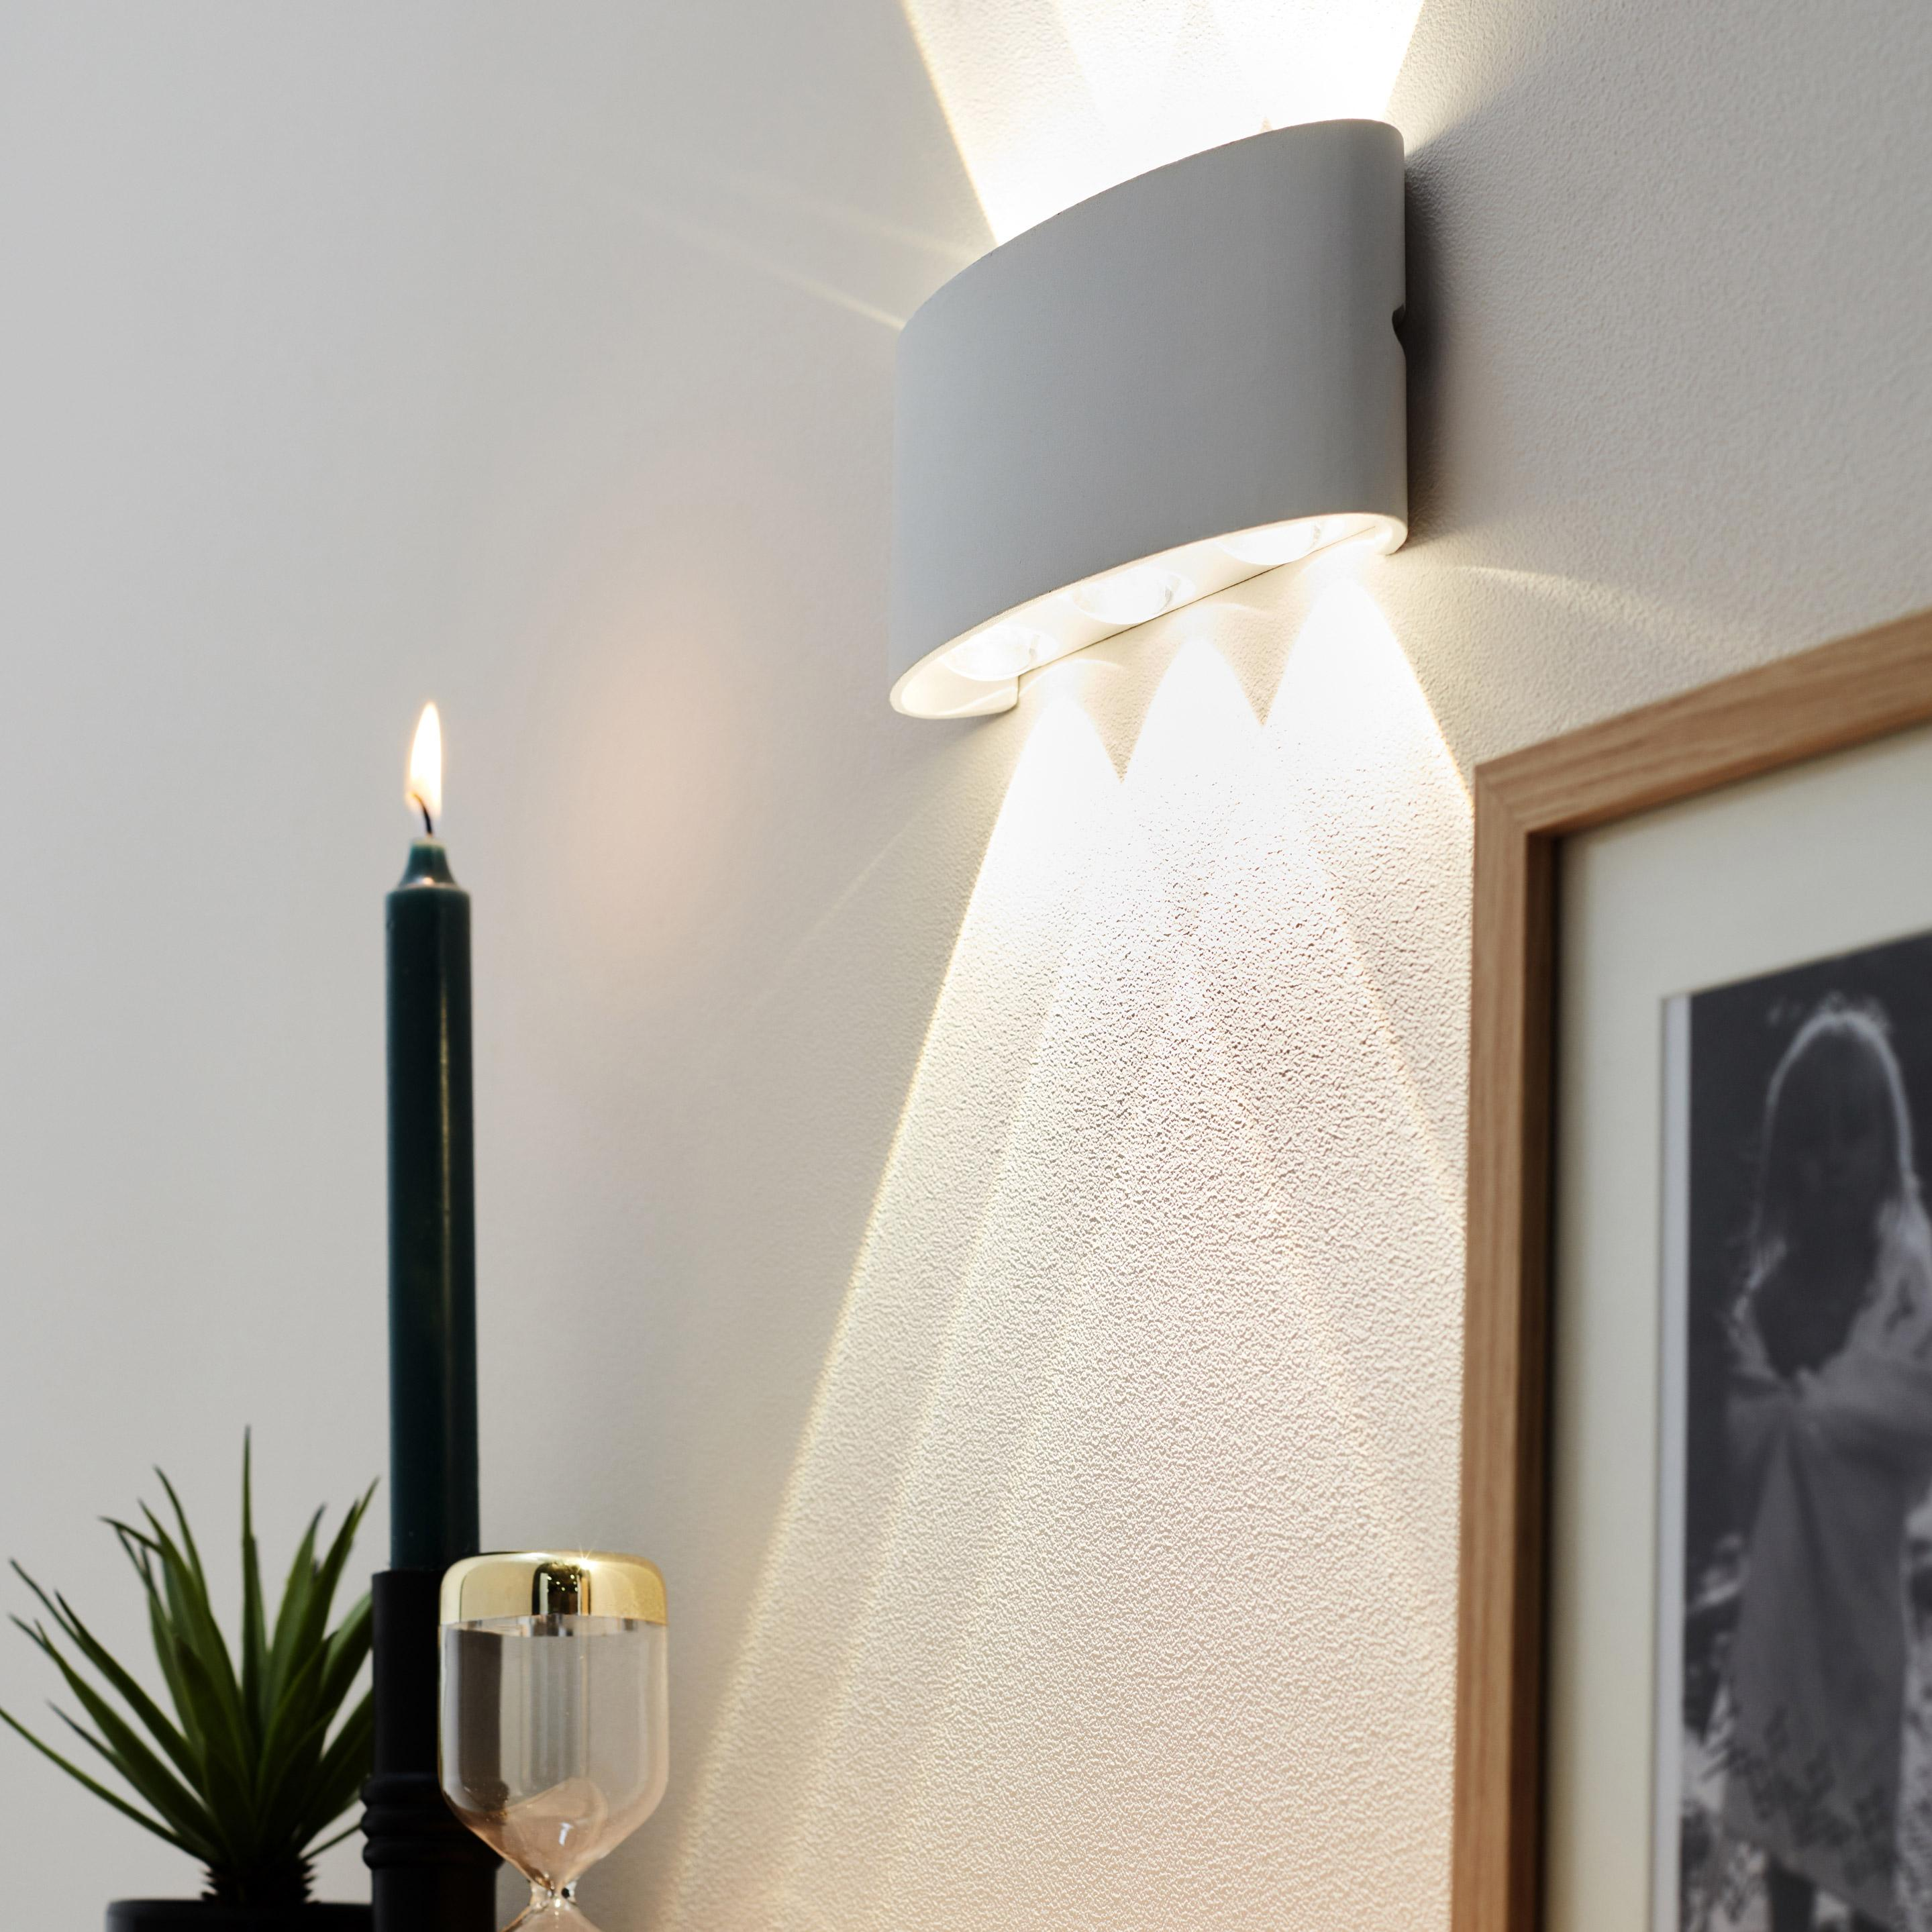 Superbe Applique, Design Acier Inoxydable Blanc LUSSIOL SQUEEZY 6 Lumière(s)